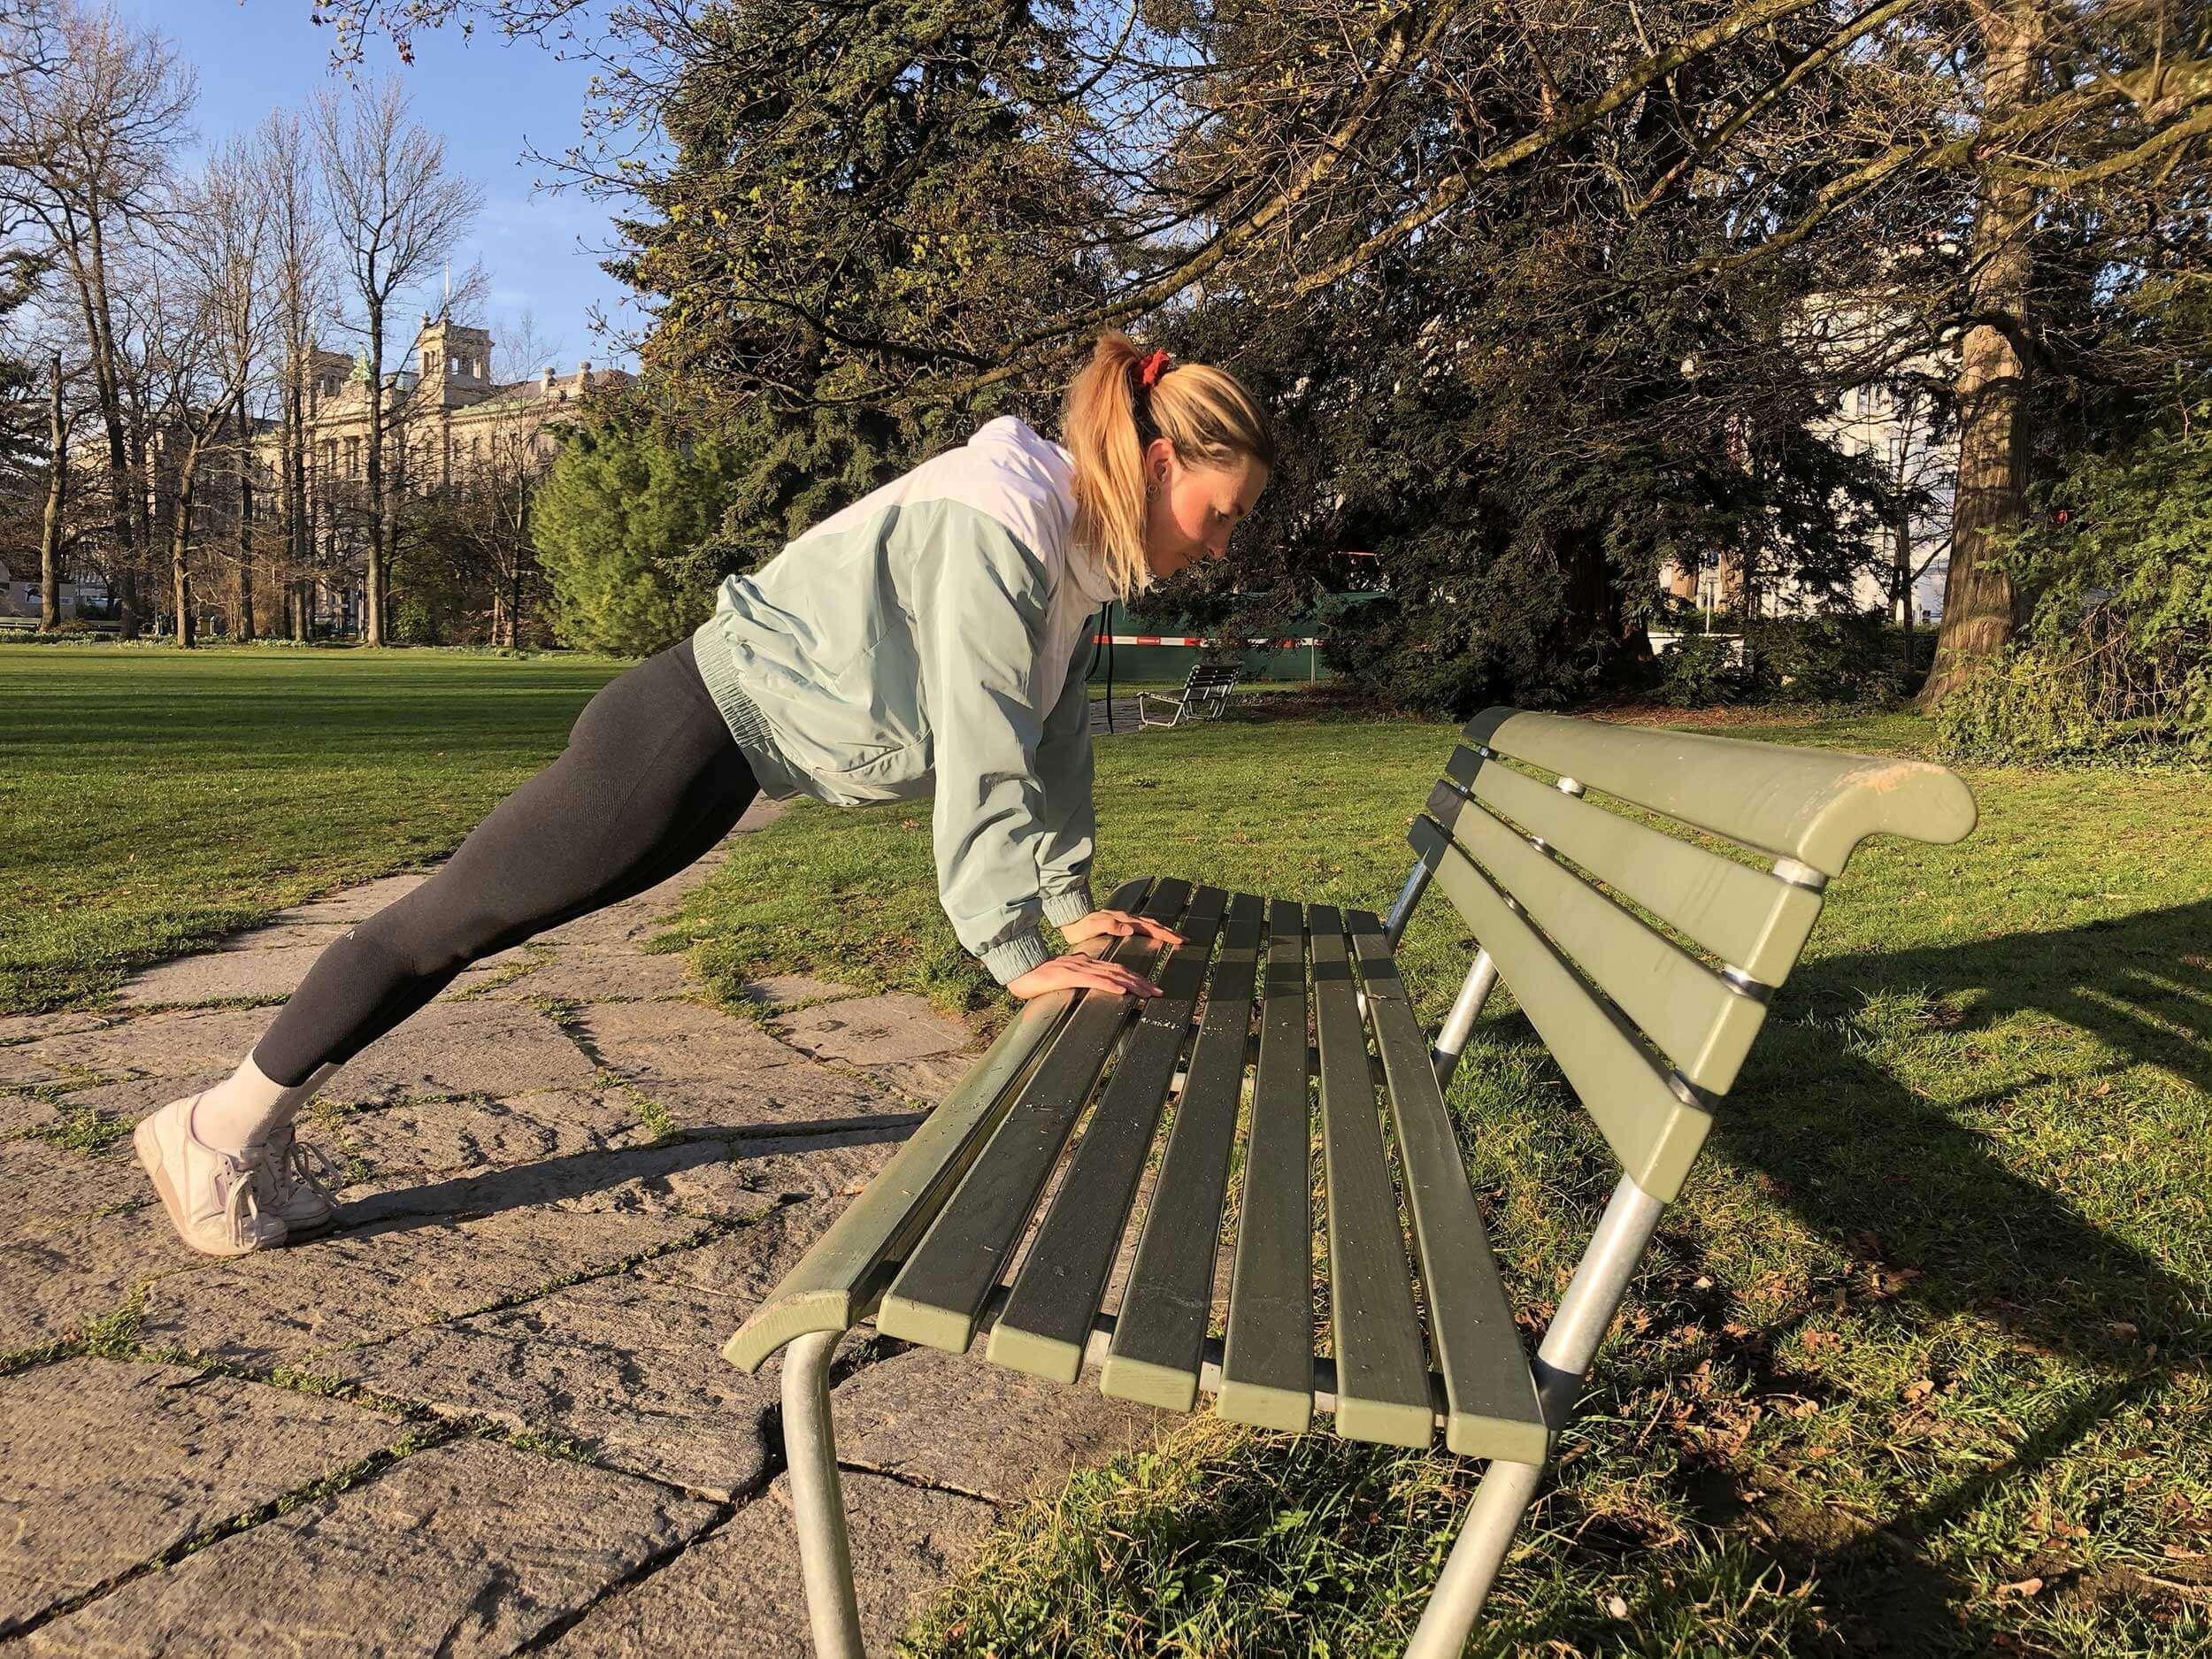 Pour les utilisateurs avancés, cette forme de push-up convient au banc du parc.